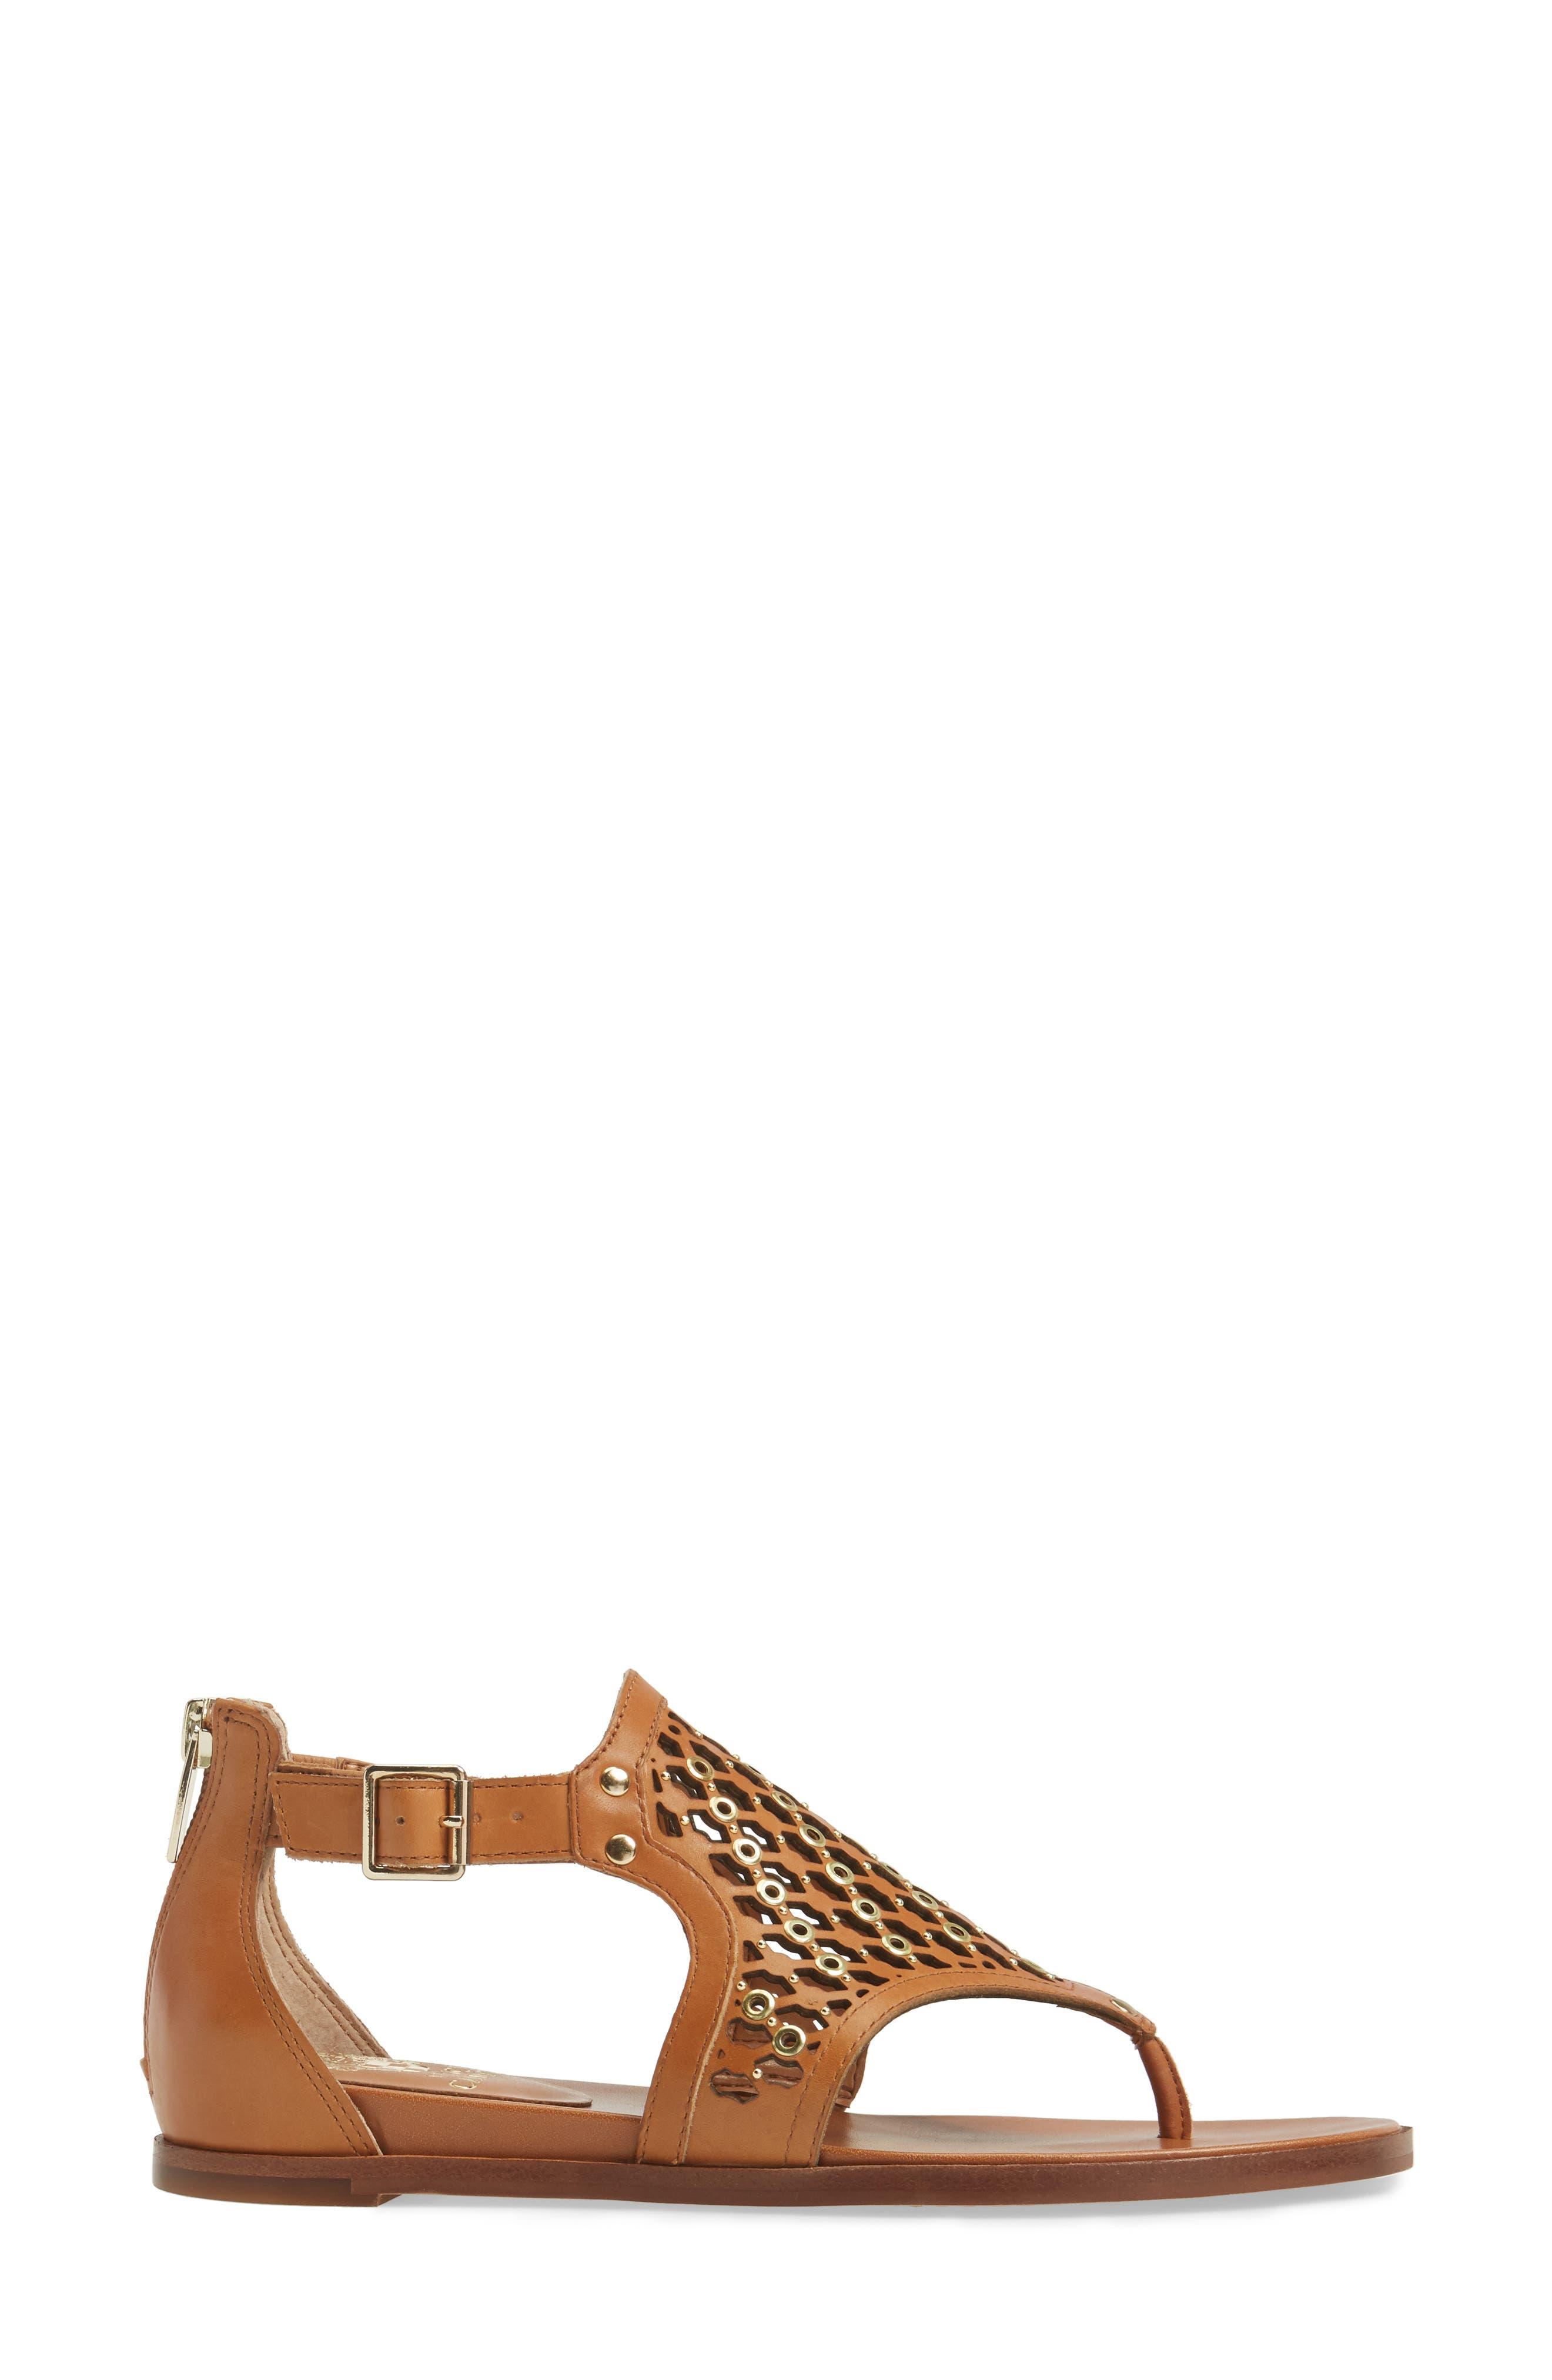 Sitara Sandal,                             Alternate thumbnail 3, color,                             Peanut Leather